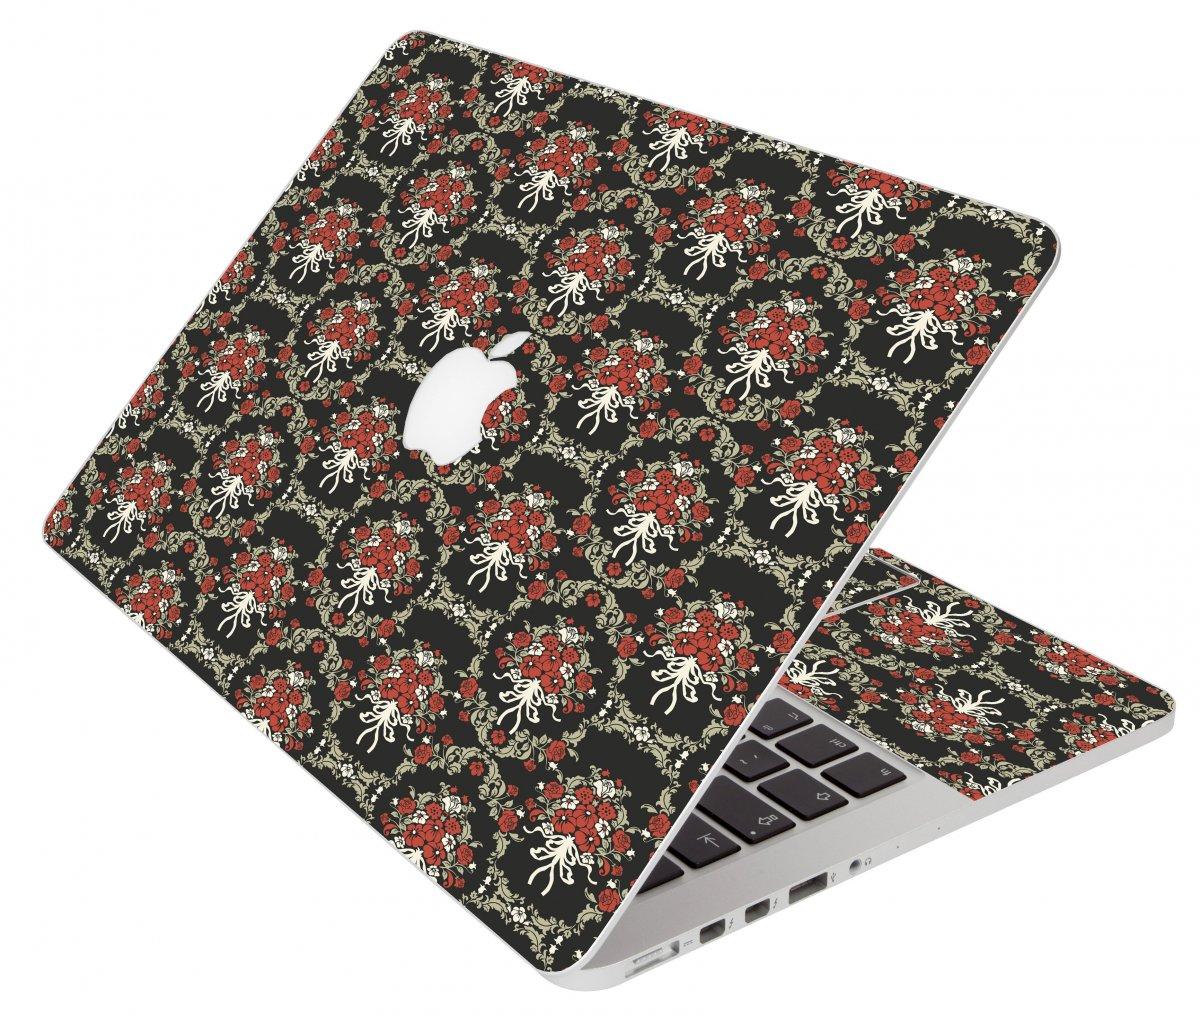 Black Flower Versailles Apple Macbook Air 13 A1466 Laptop Skin